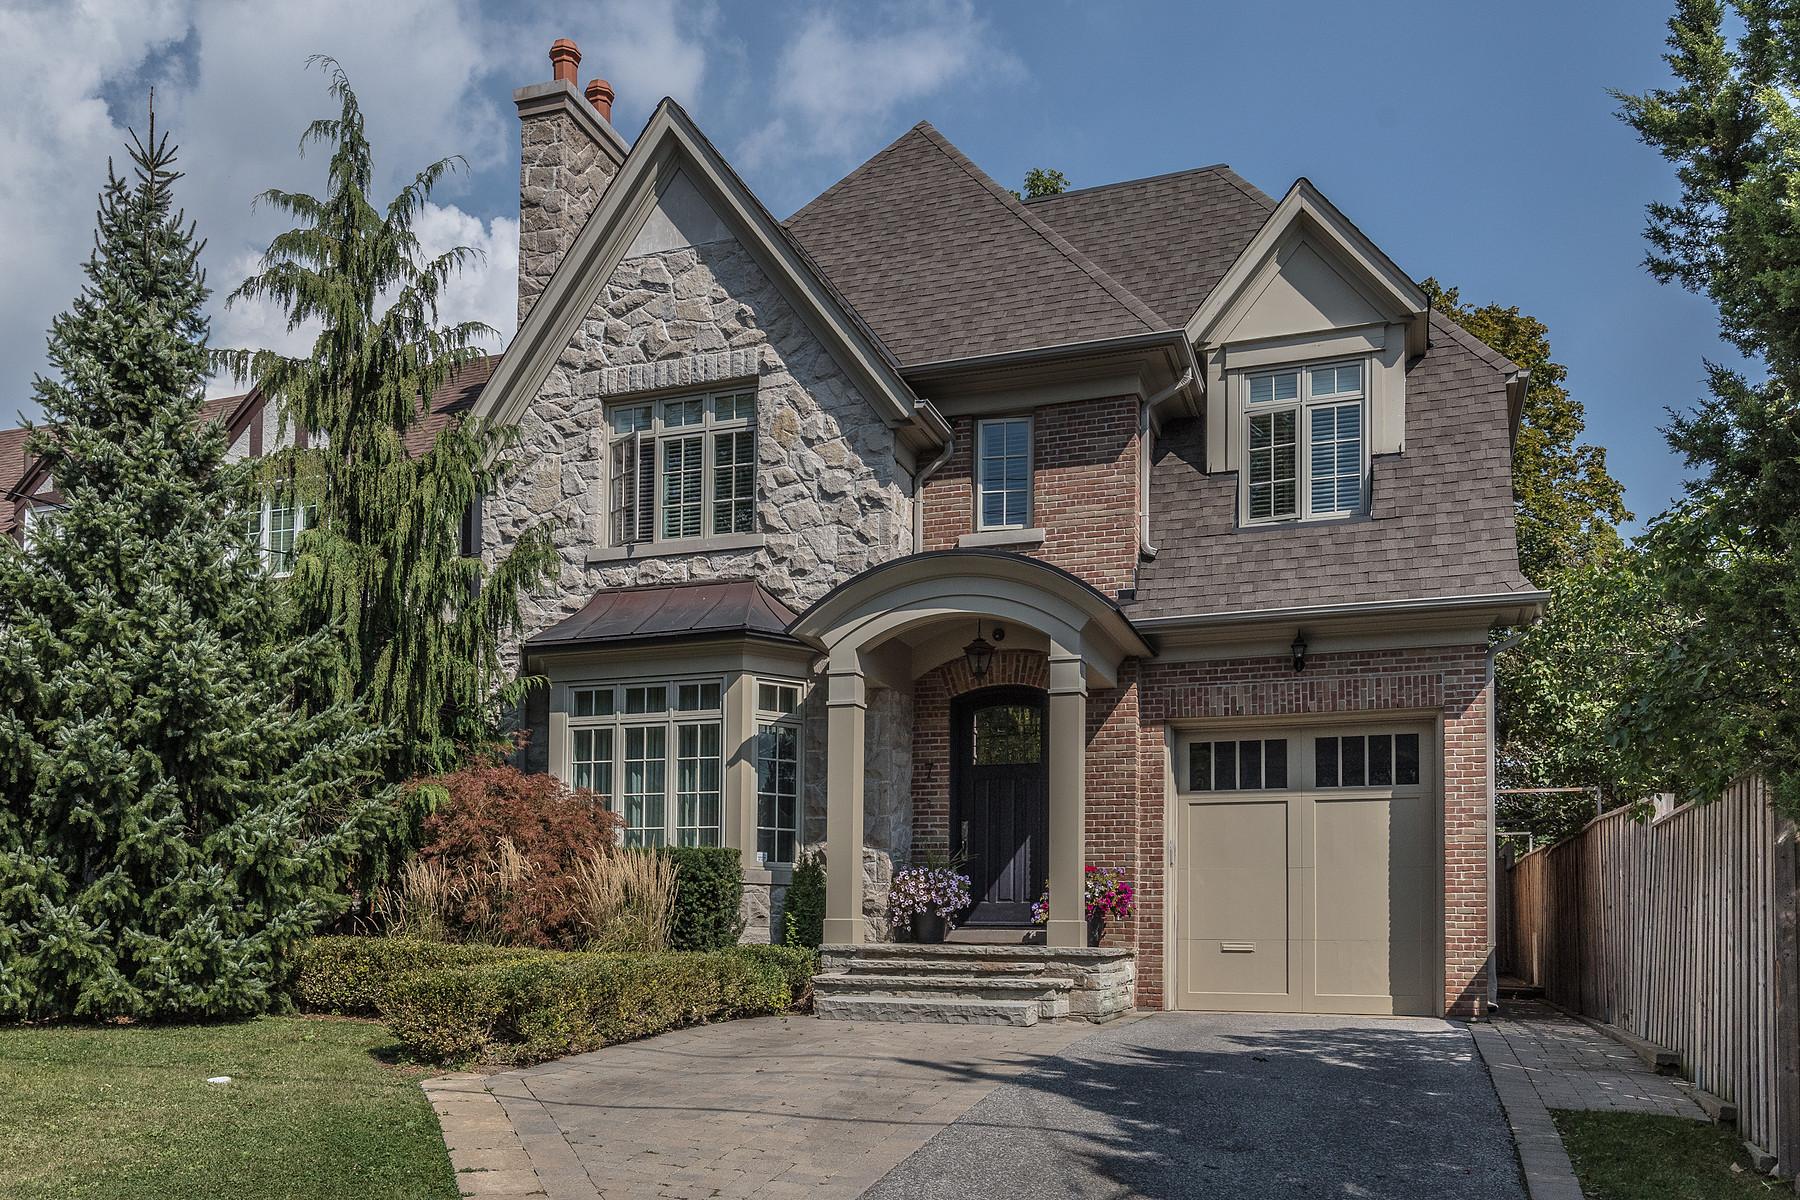 独户住宅 为 销售 在 Lawrence Park 7 Strathgowan Cres, 多伦多, 安大略省, M4N2Z6 加拿大